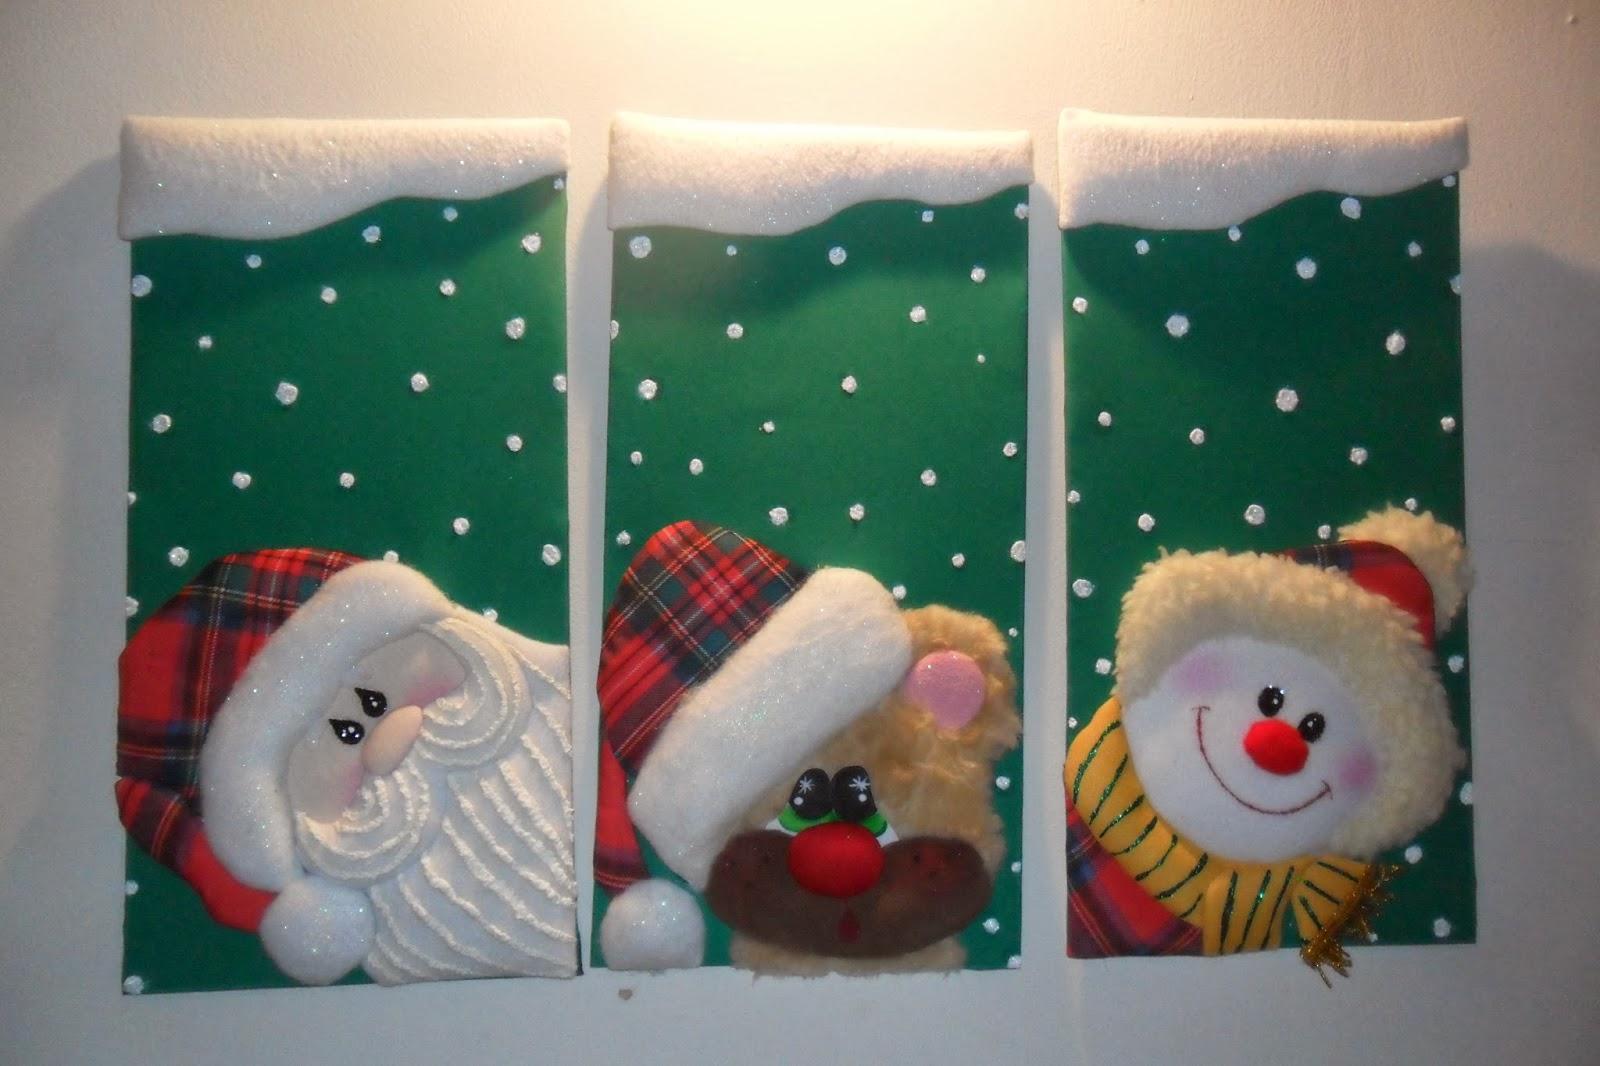 Mardedi cuadros para decorar tu navidad - Cuadros para decorar ...